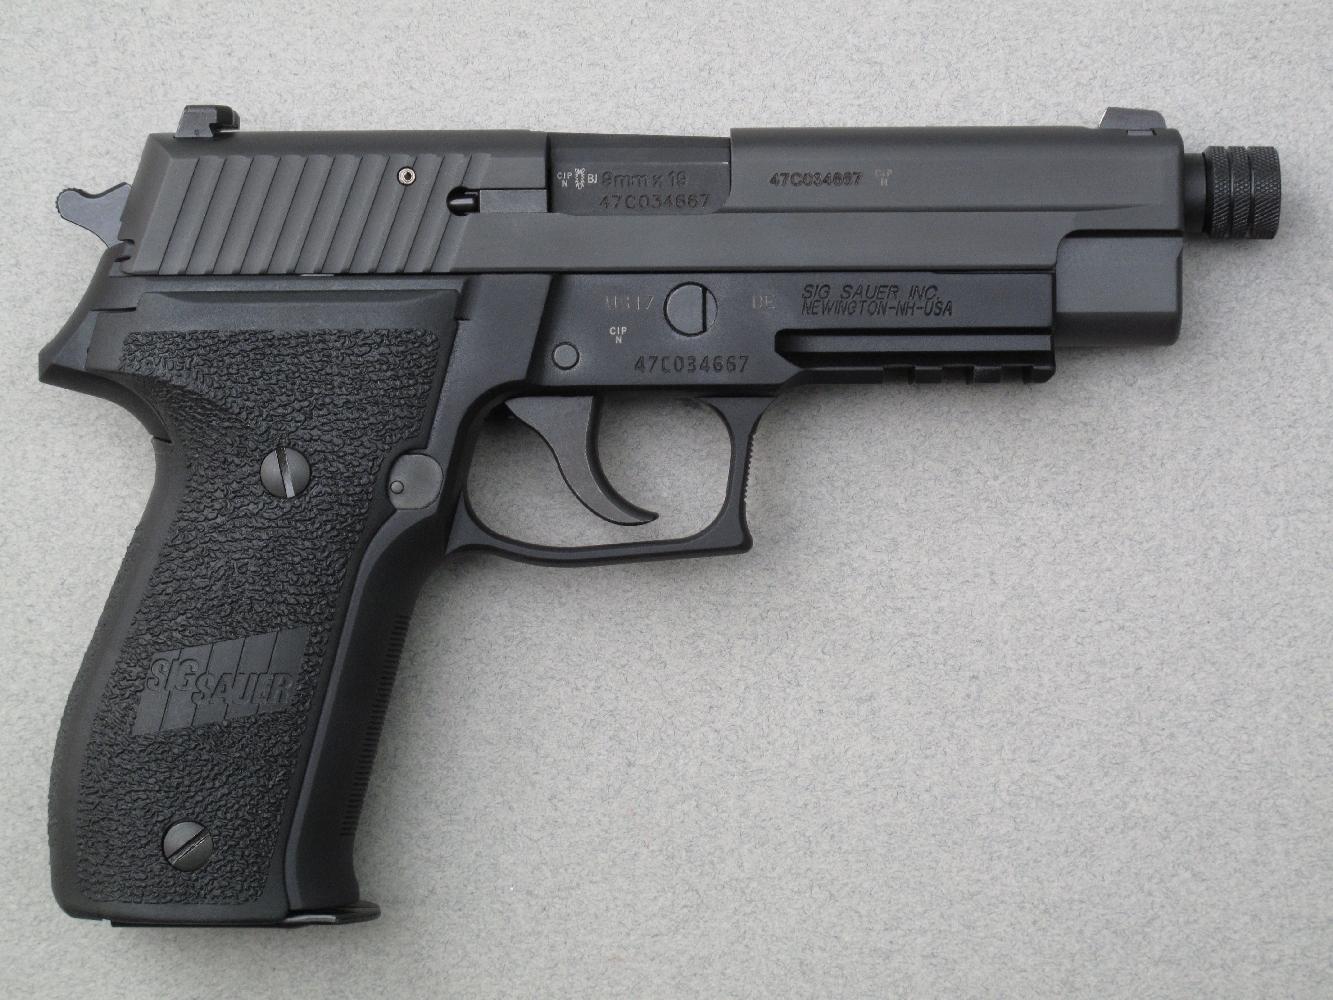 Le marquage « SIG SAUER INC. NEWINGTON-NH-USA », qui est gravée sur le flanc droit de la carcasse, indique clairement la provenance nord-américaine de cette arme.